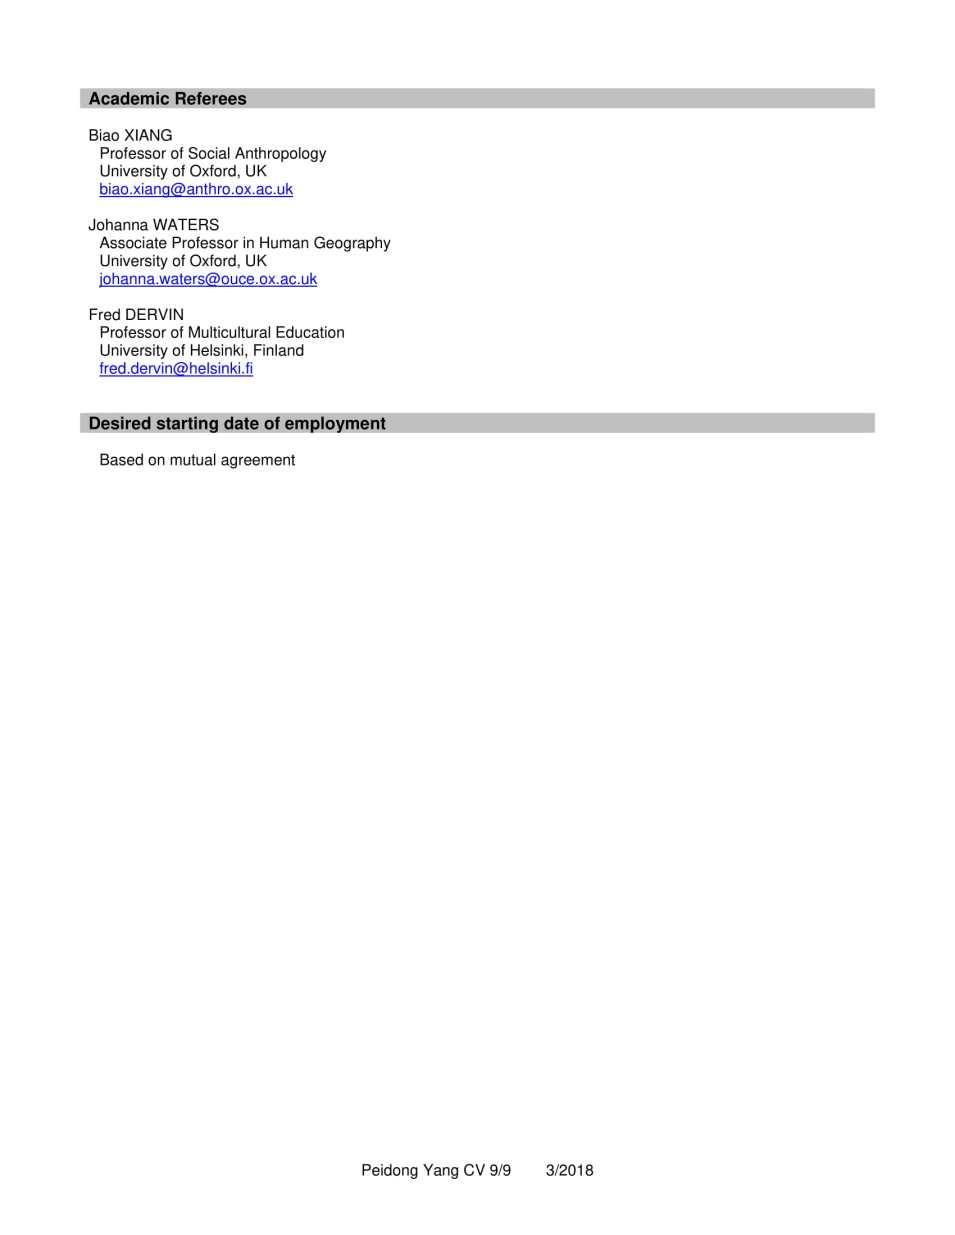 CV YANG Peidong_3.2018-9